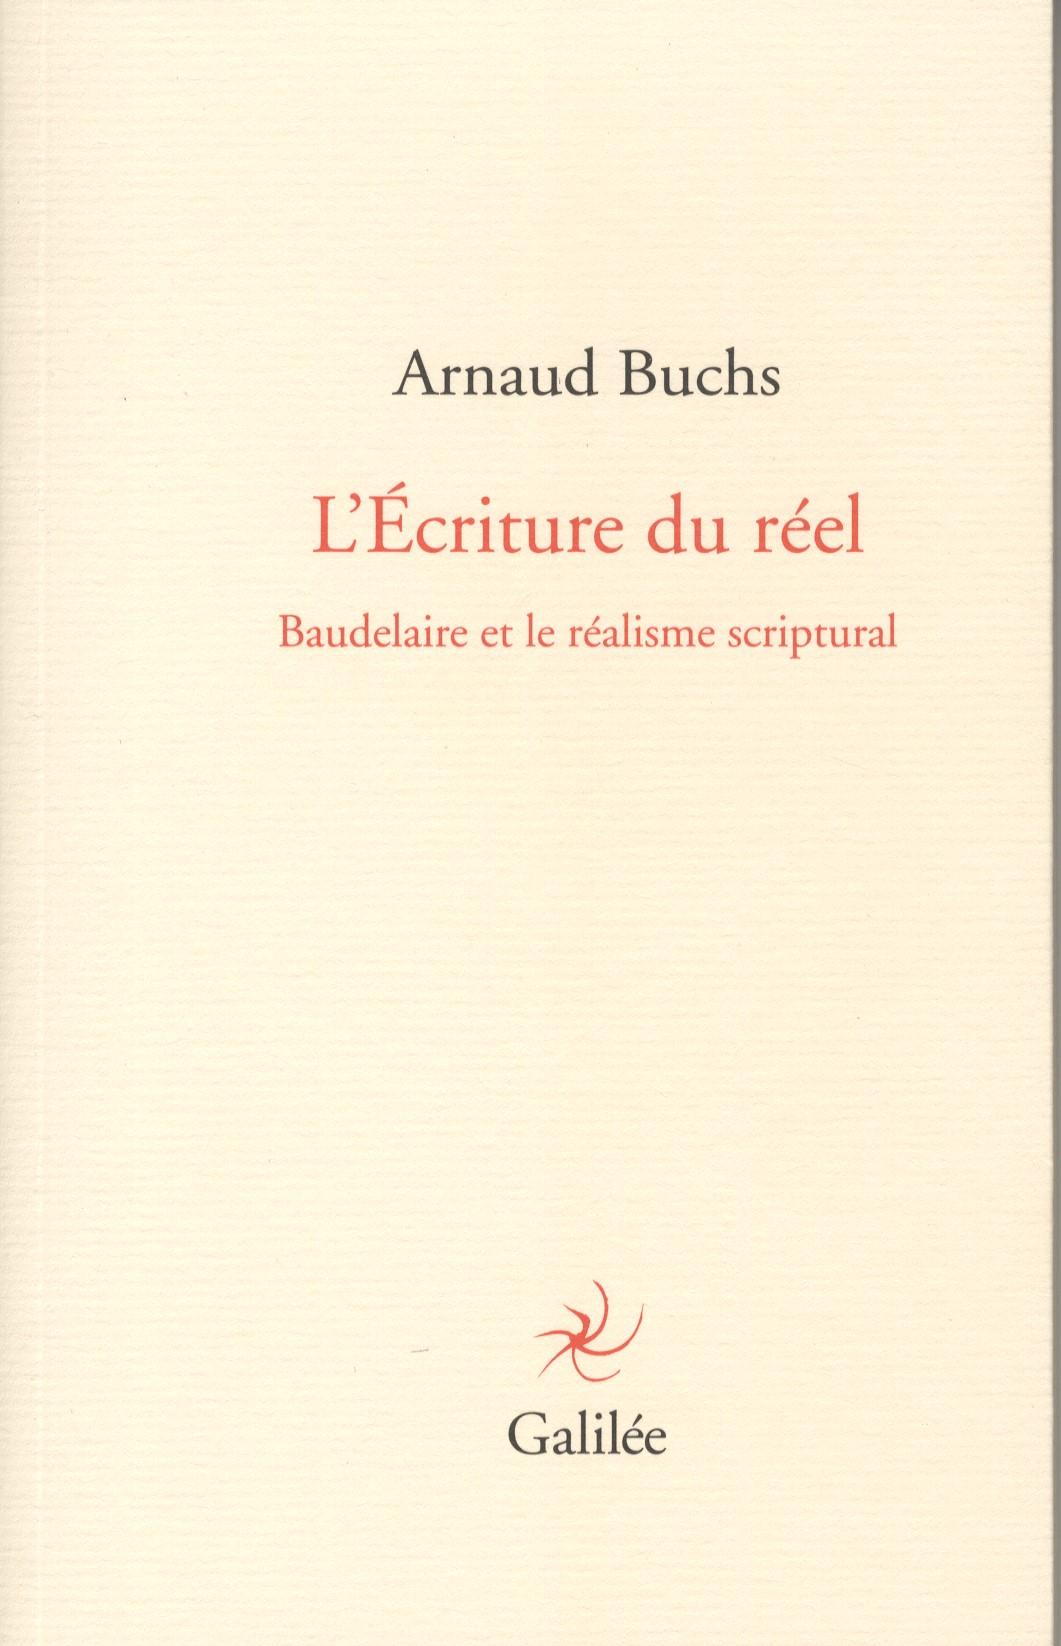 A. Buchs, L'écriture du réel. Baudelaire et le réalisme scriptural